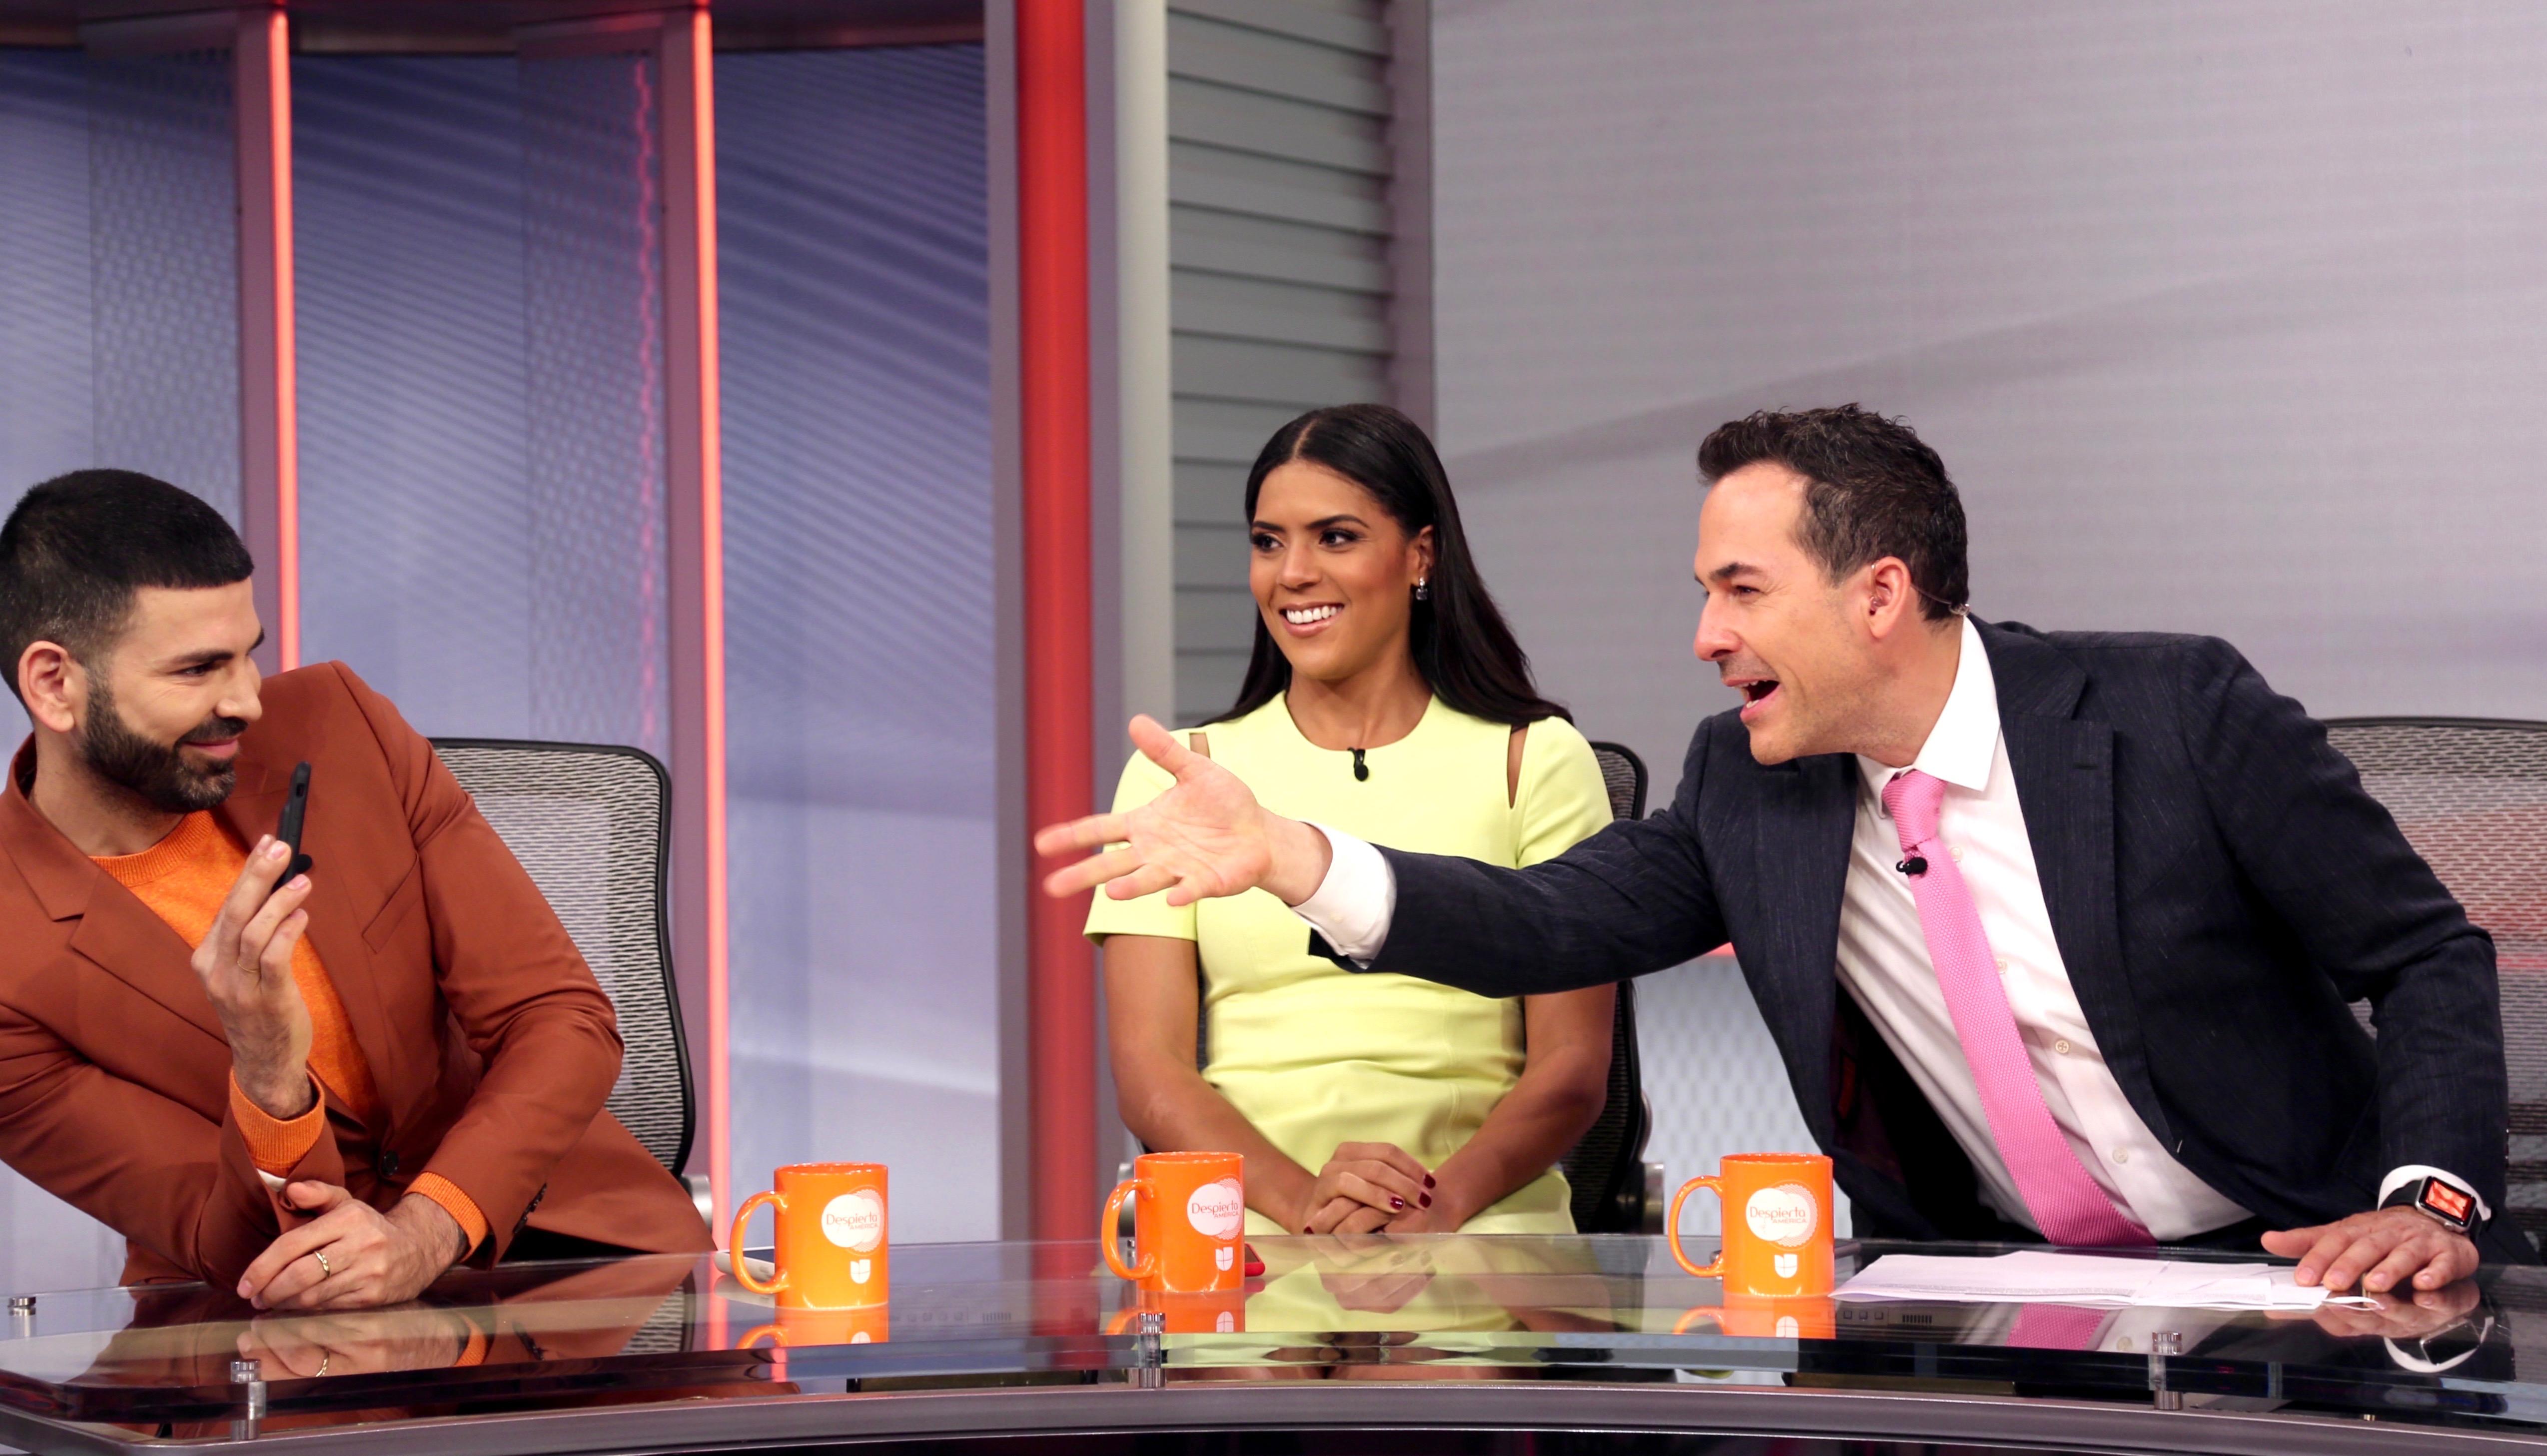 Francisca Lachapel, Carlos Calderón, Jomari Goyso